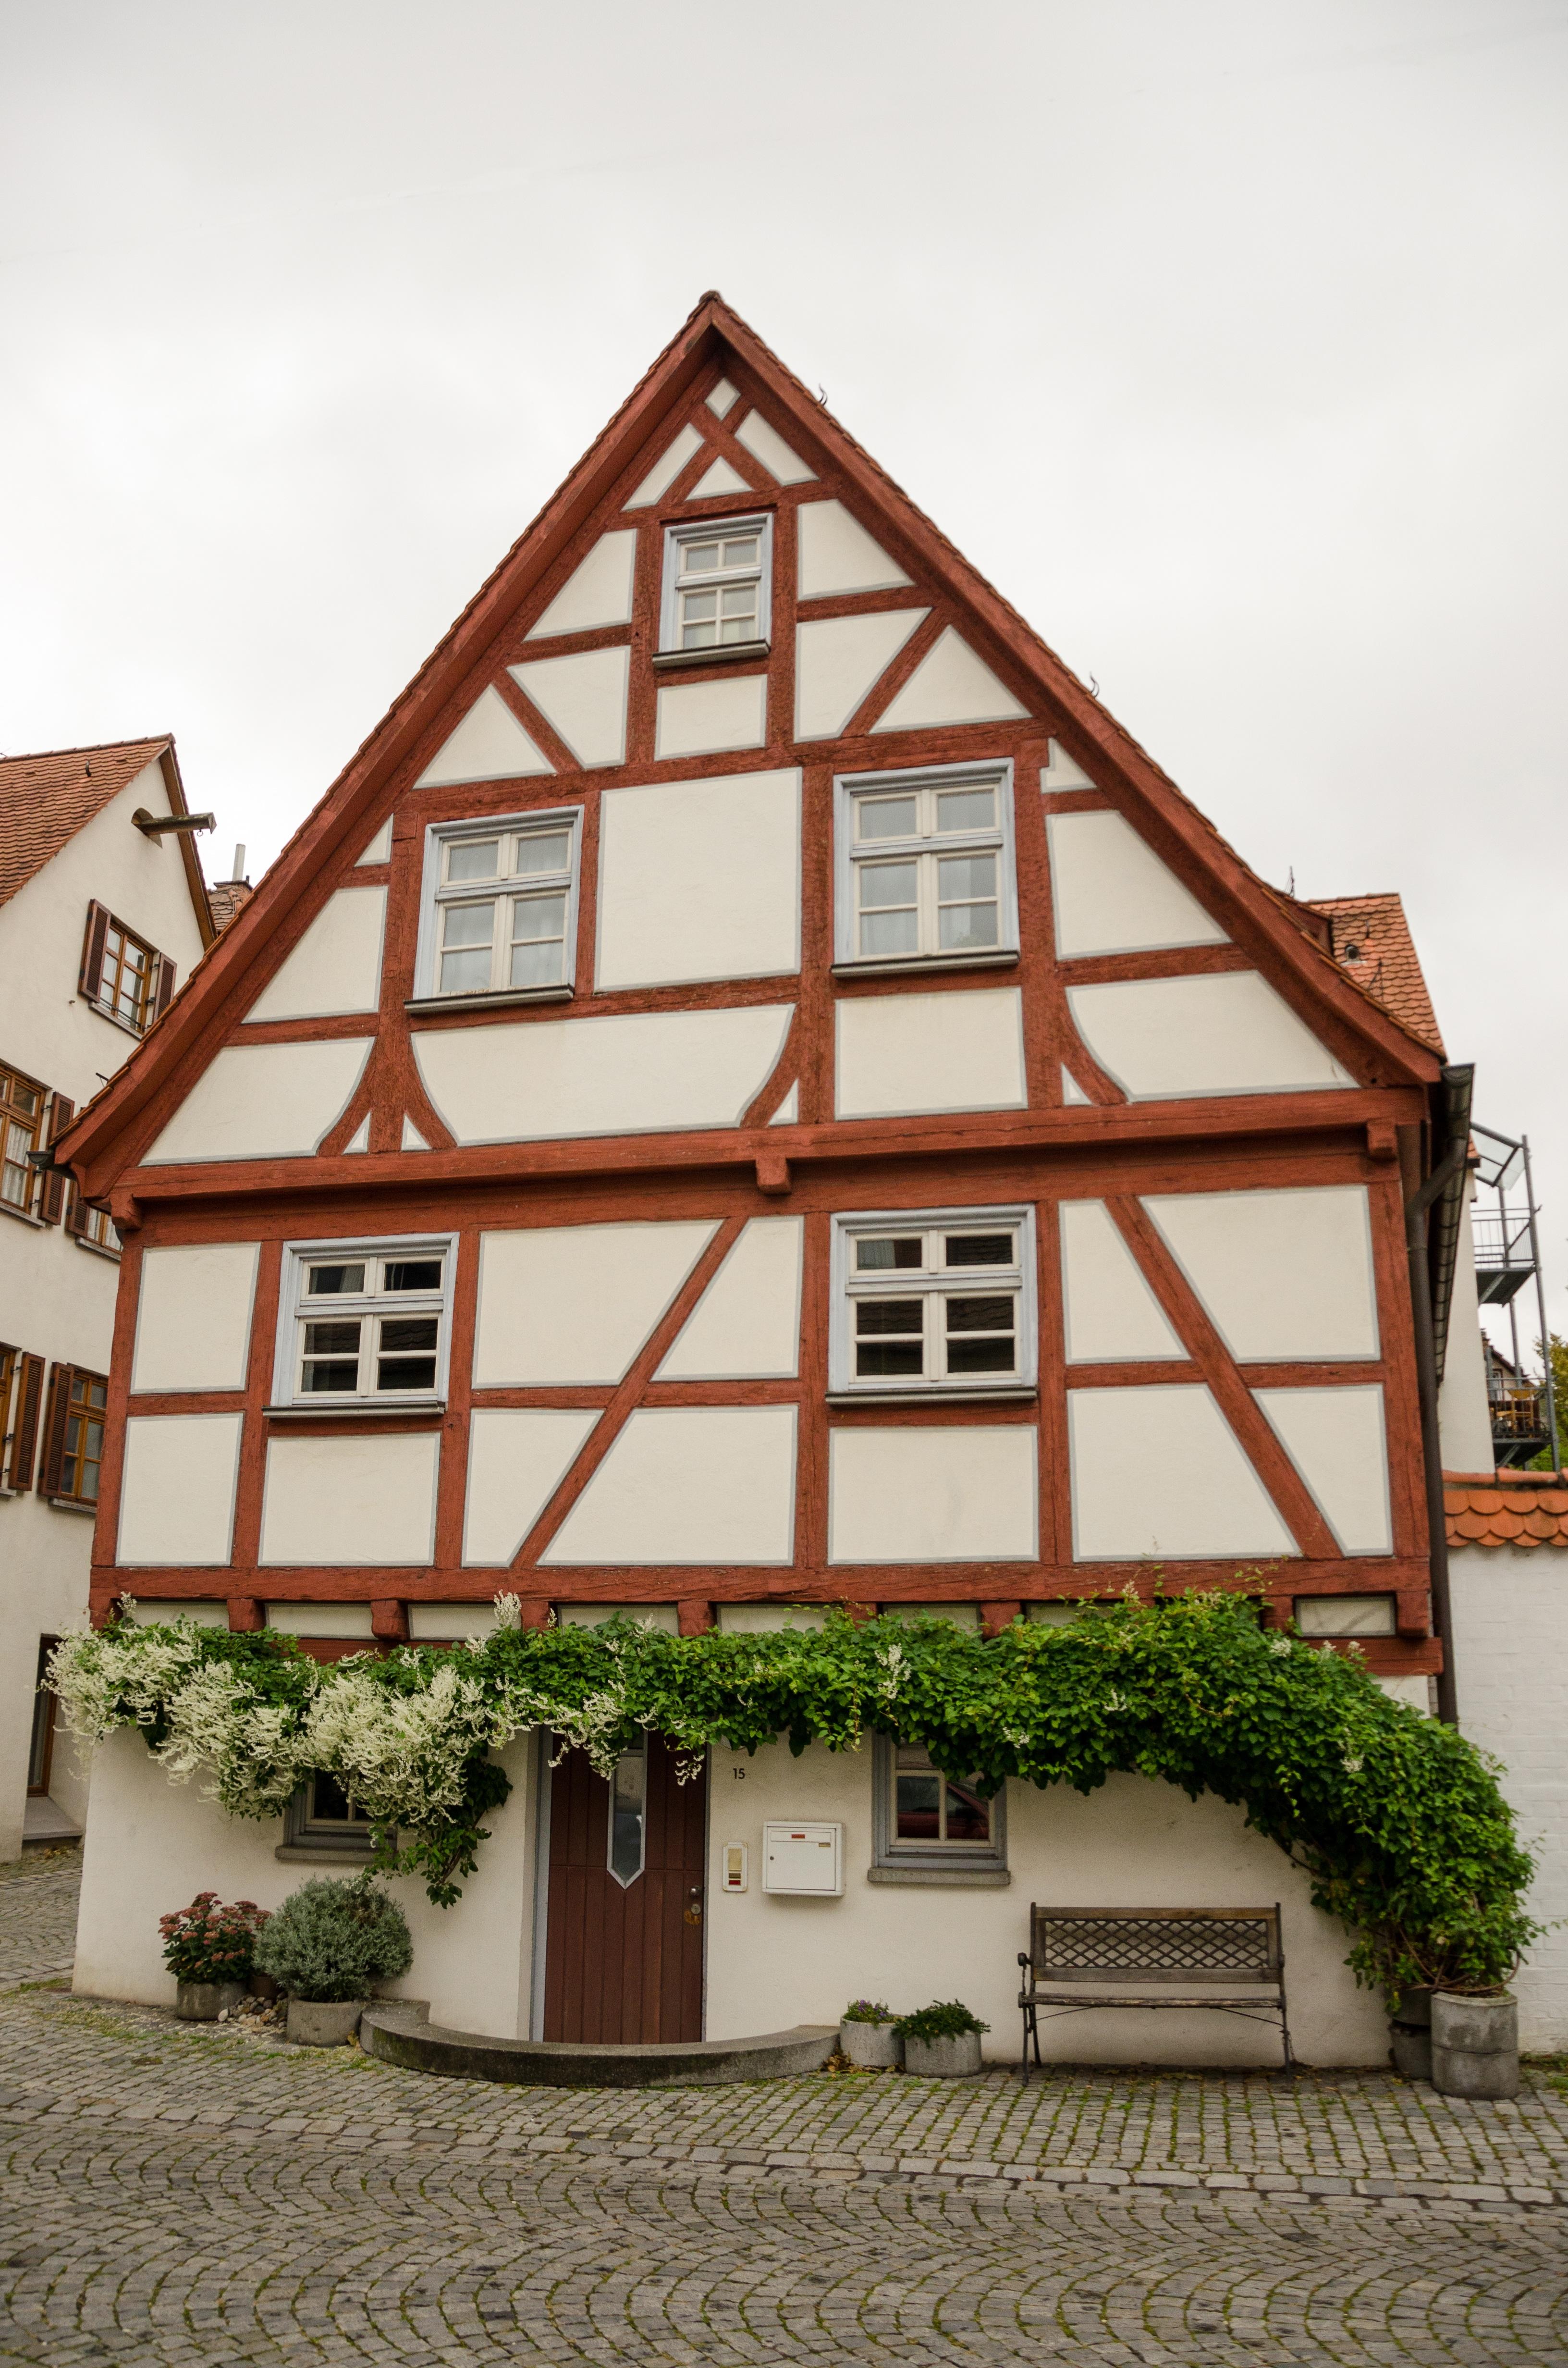 Fenster Fachwerkhaus kostenlose foto die architektur holz haus dach gebäude alt